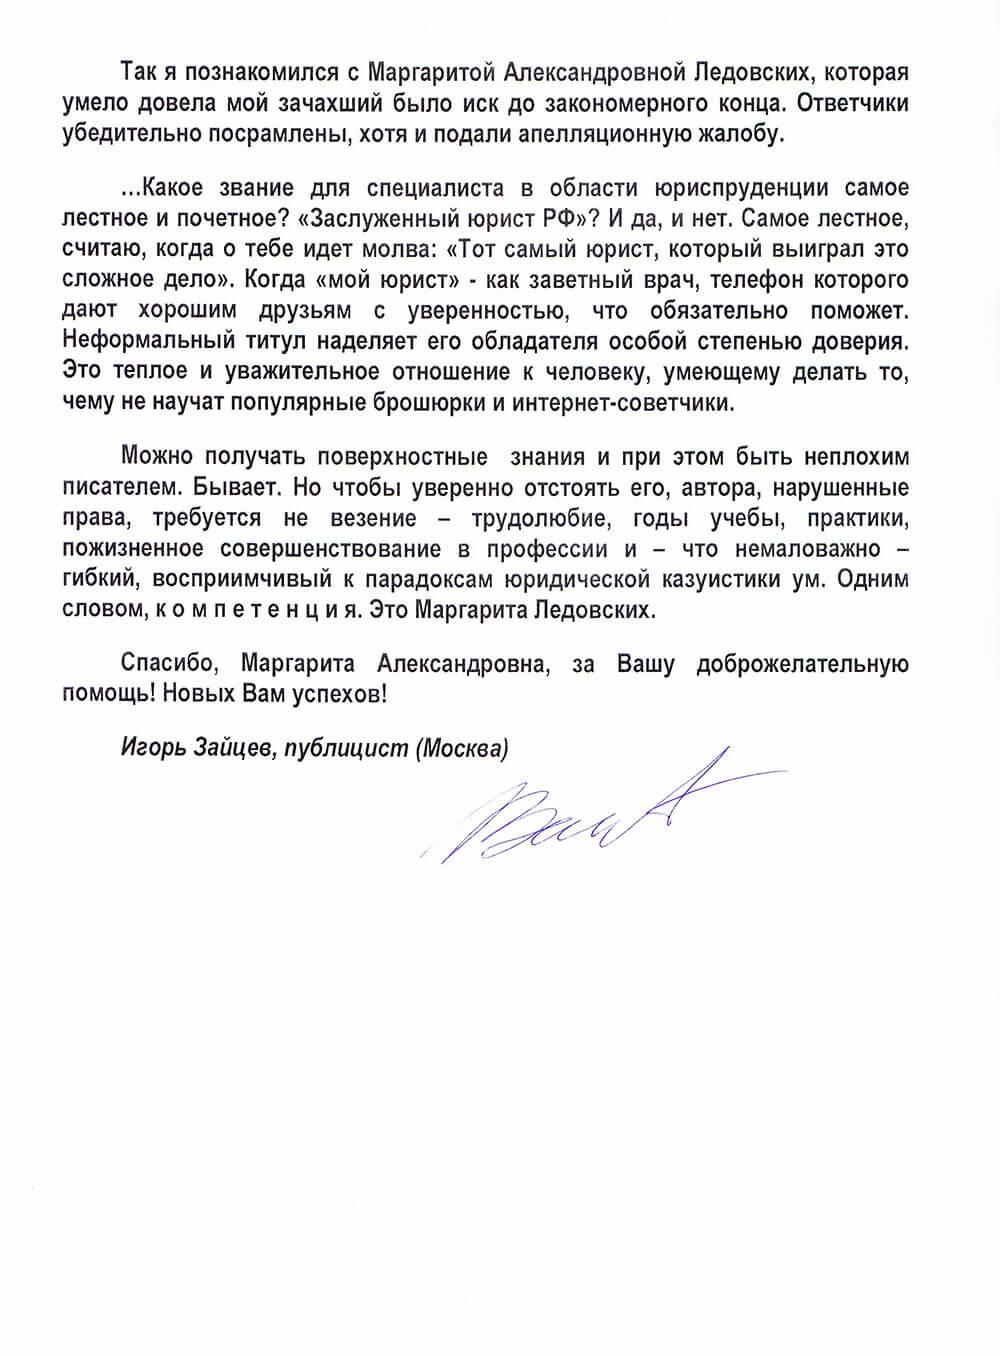 отзыв Зайцева о защите в суде по делу об авторском праве